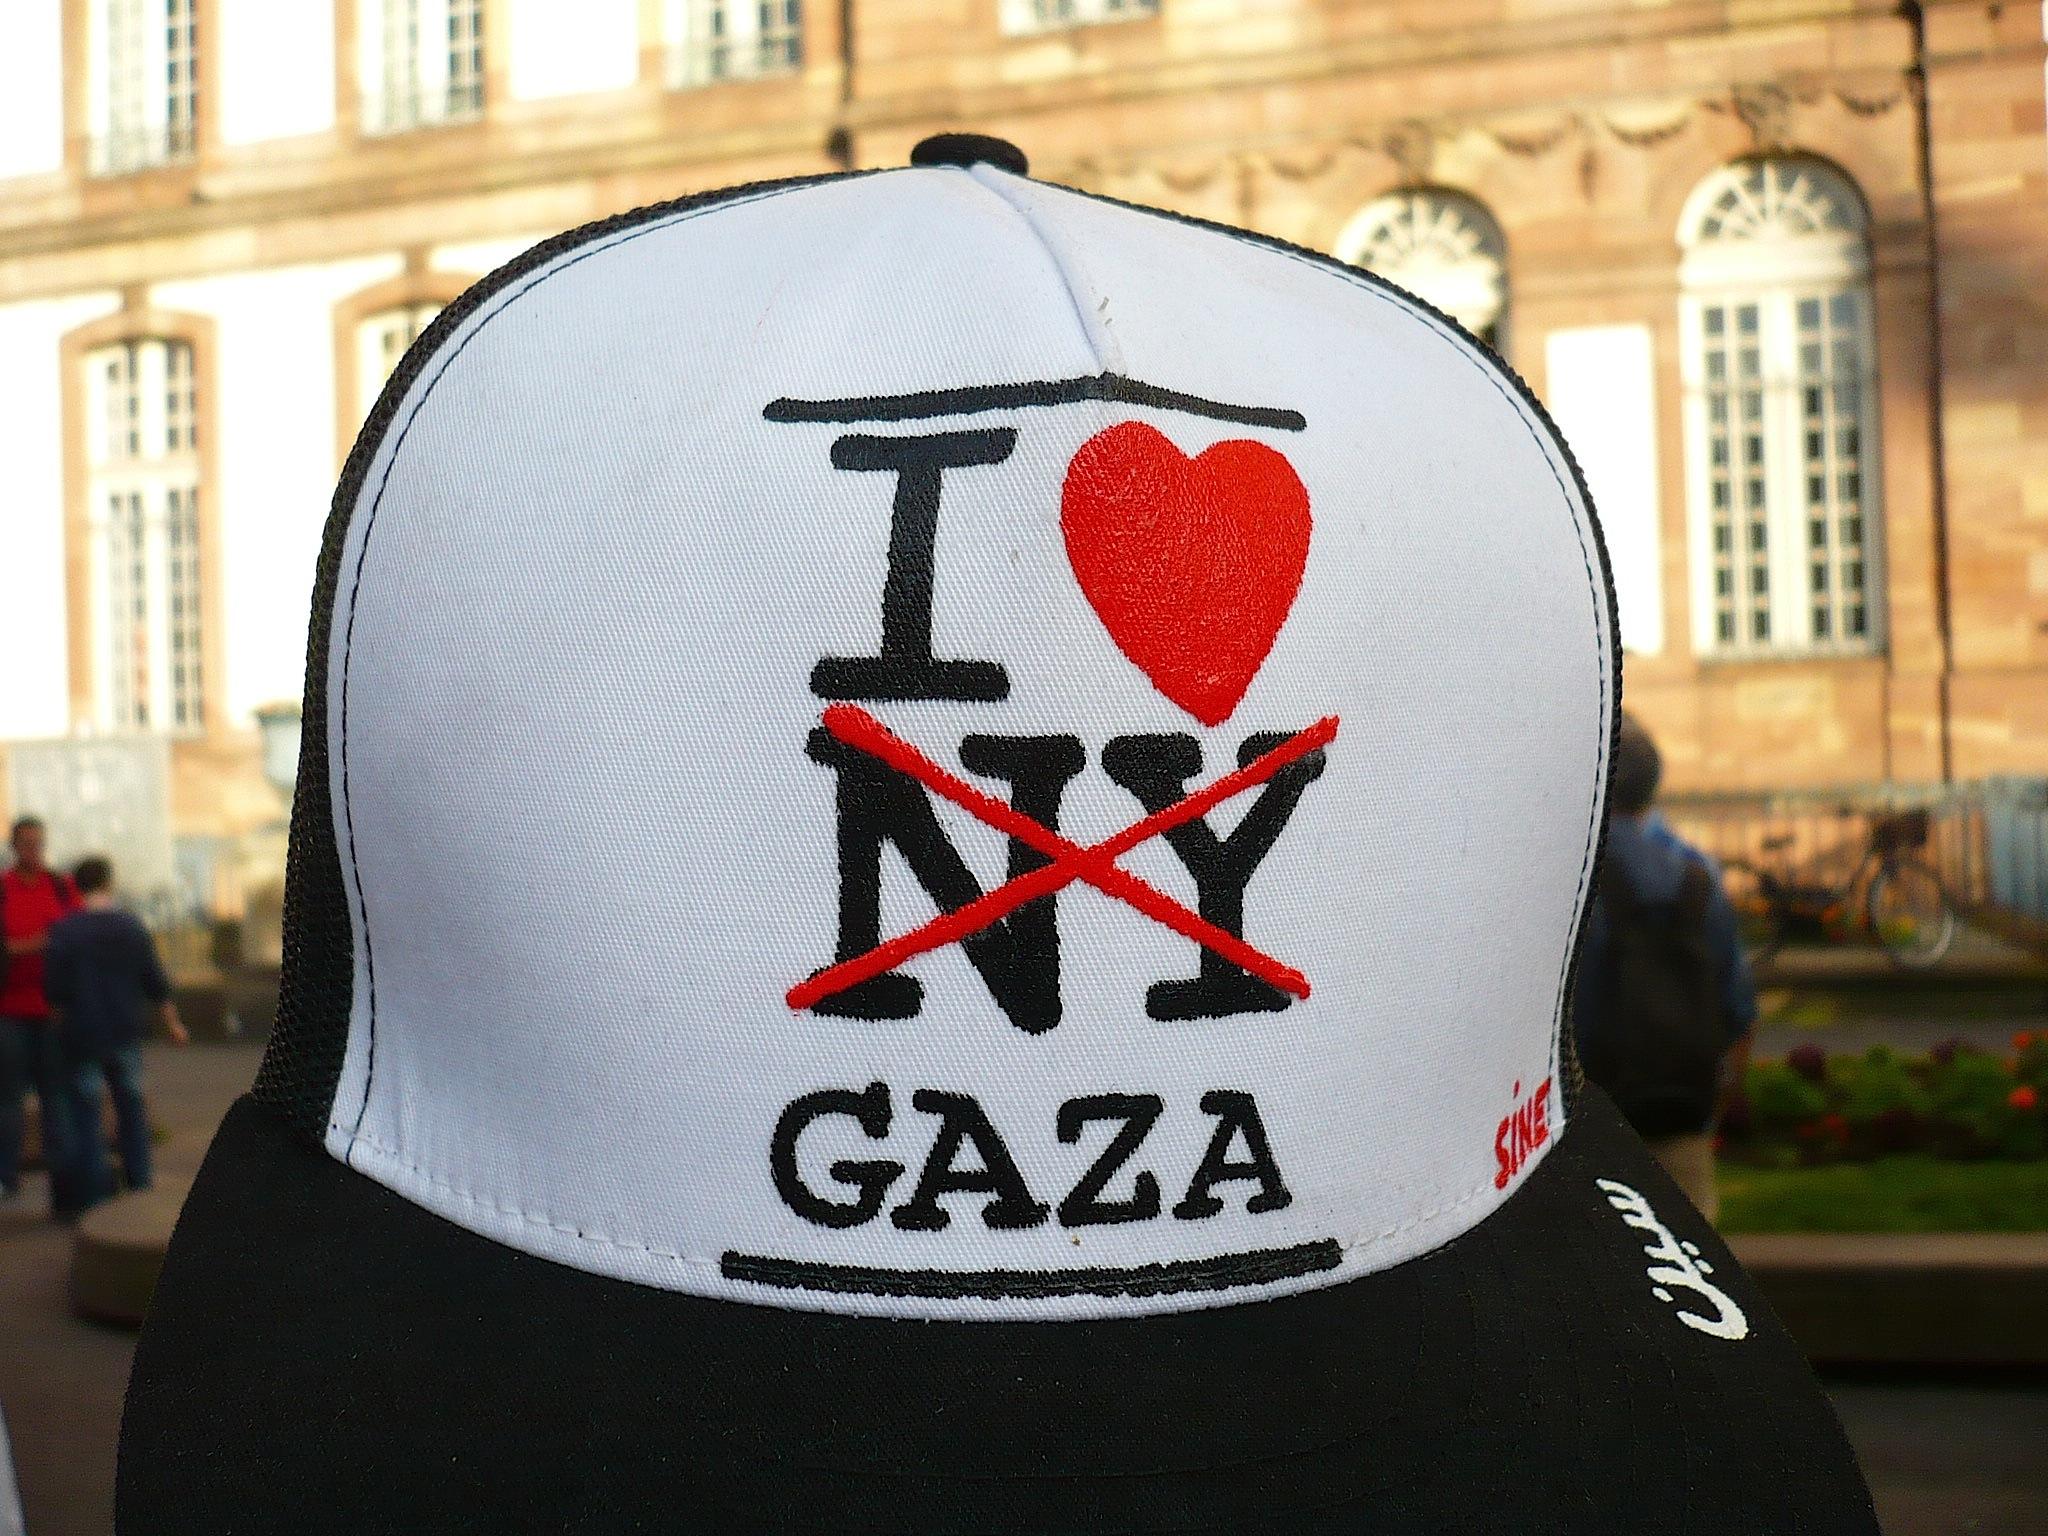 Flotille de Gaza : trois ans après, Netanyahou présente ses excuses à la Turquie